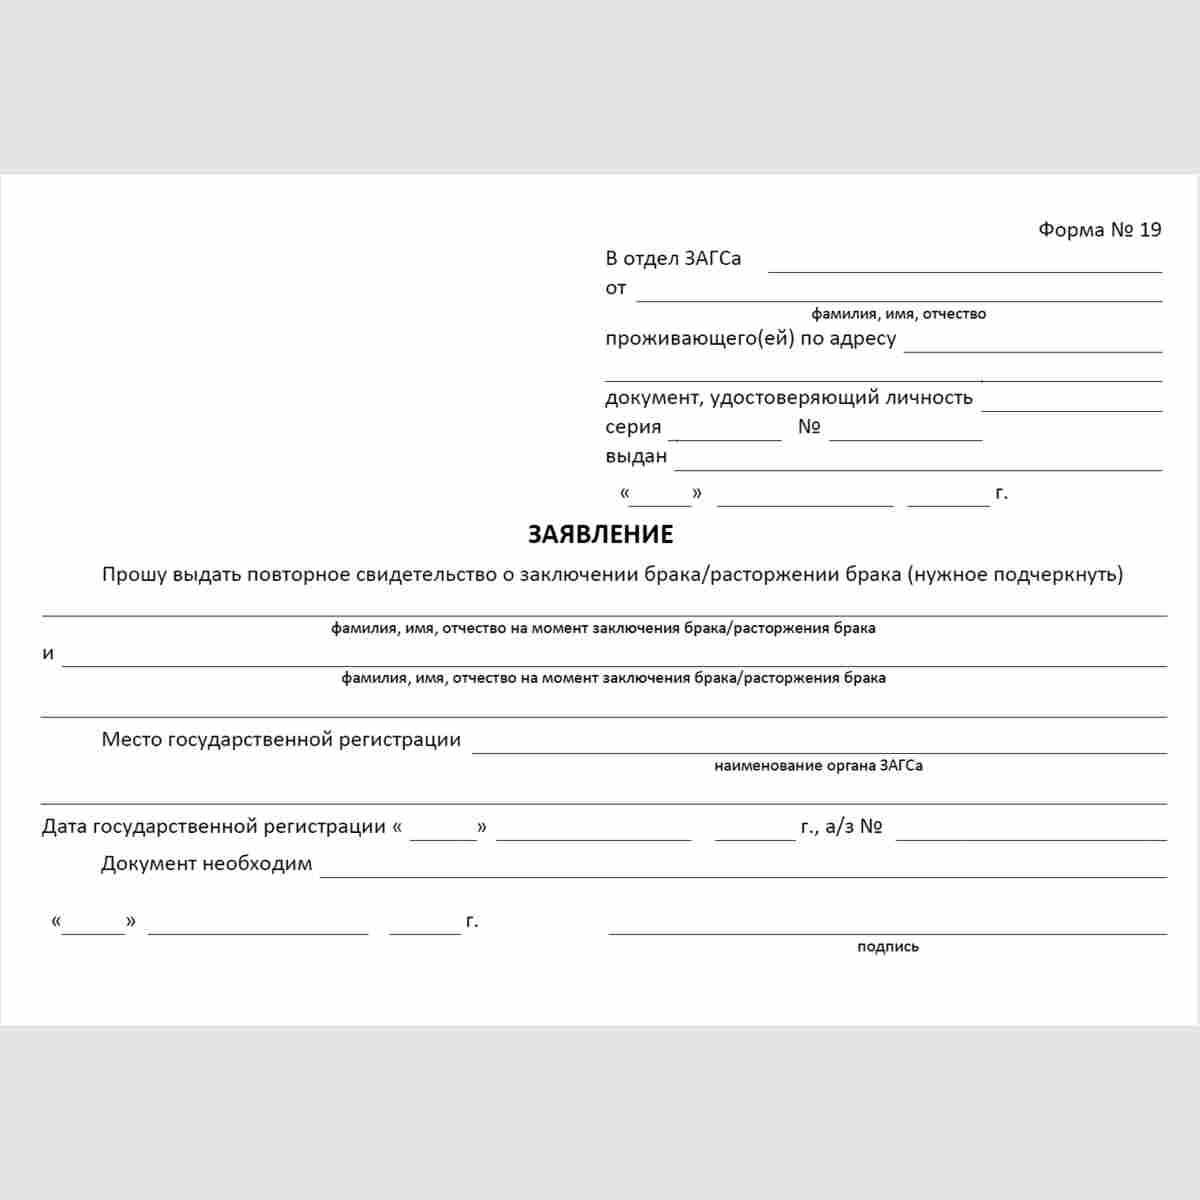 """Форма №19 """"Заявление о выдаче повторного свидетельства о заключении/расторжении брака"""""""